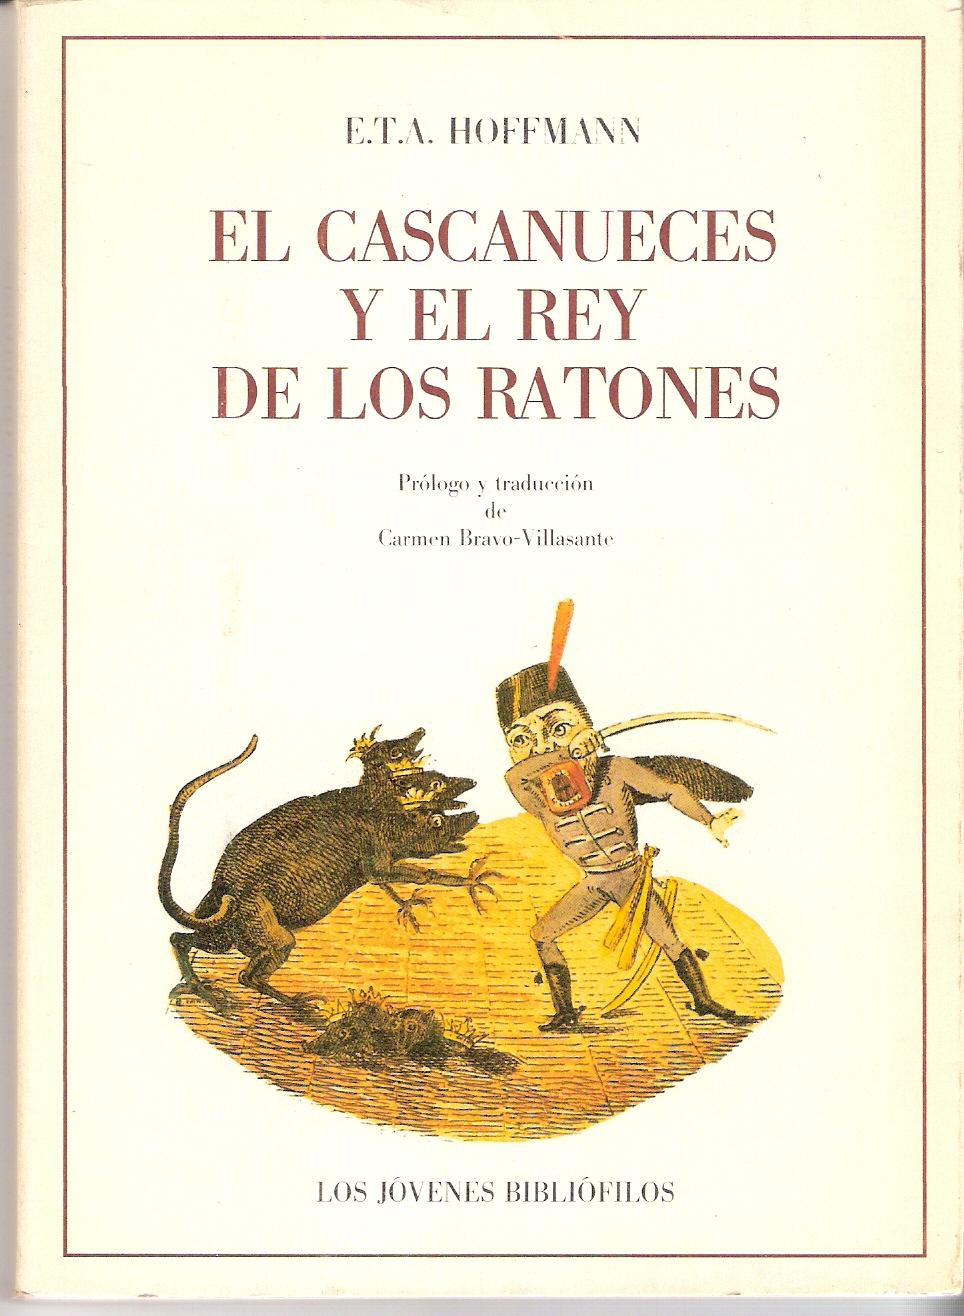 El cascanueces y el rey de los ratones